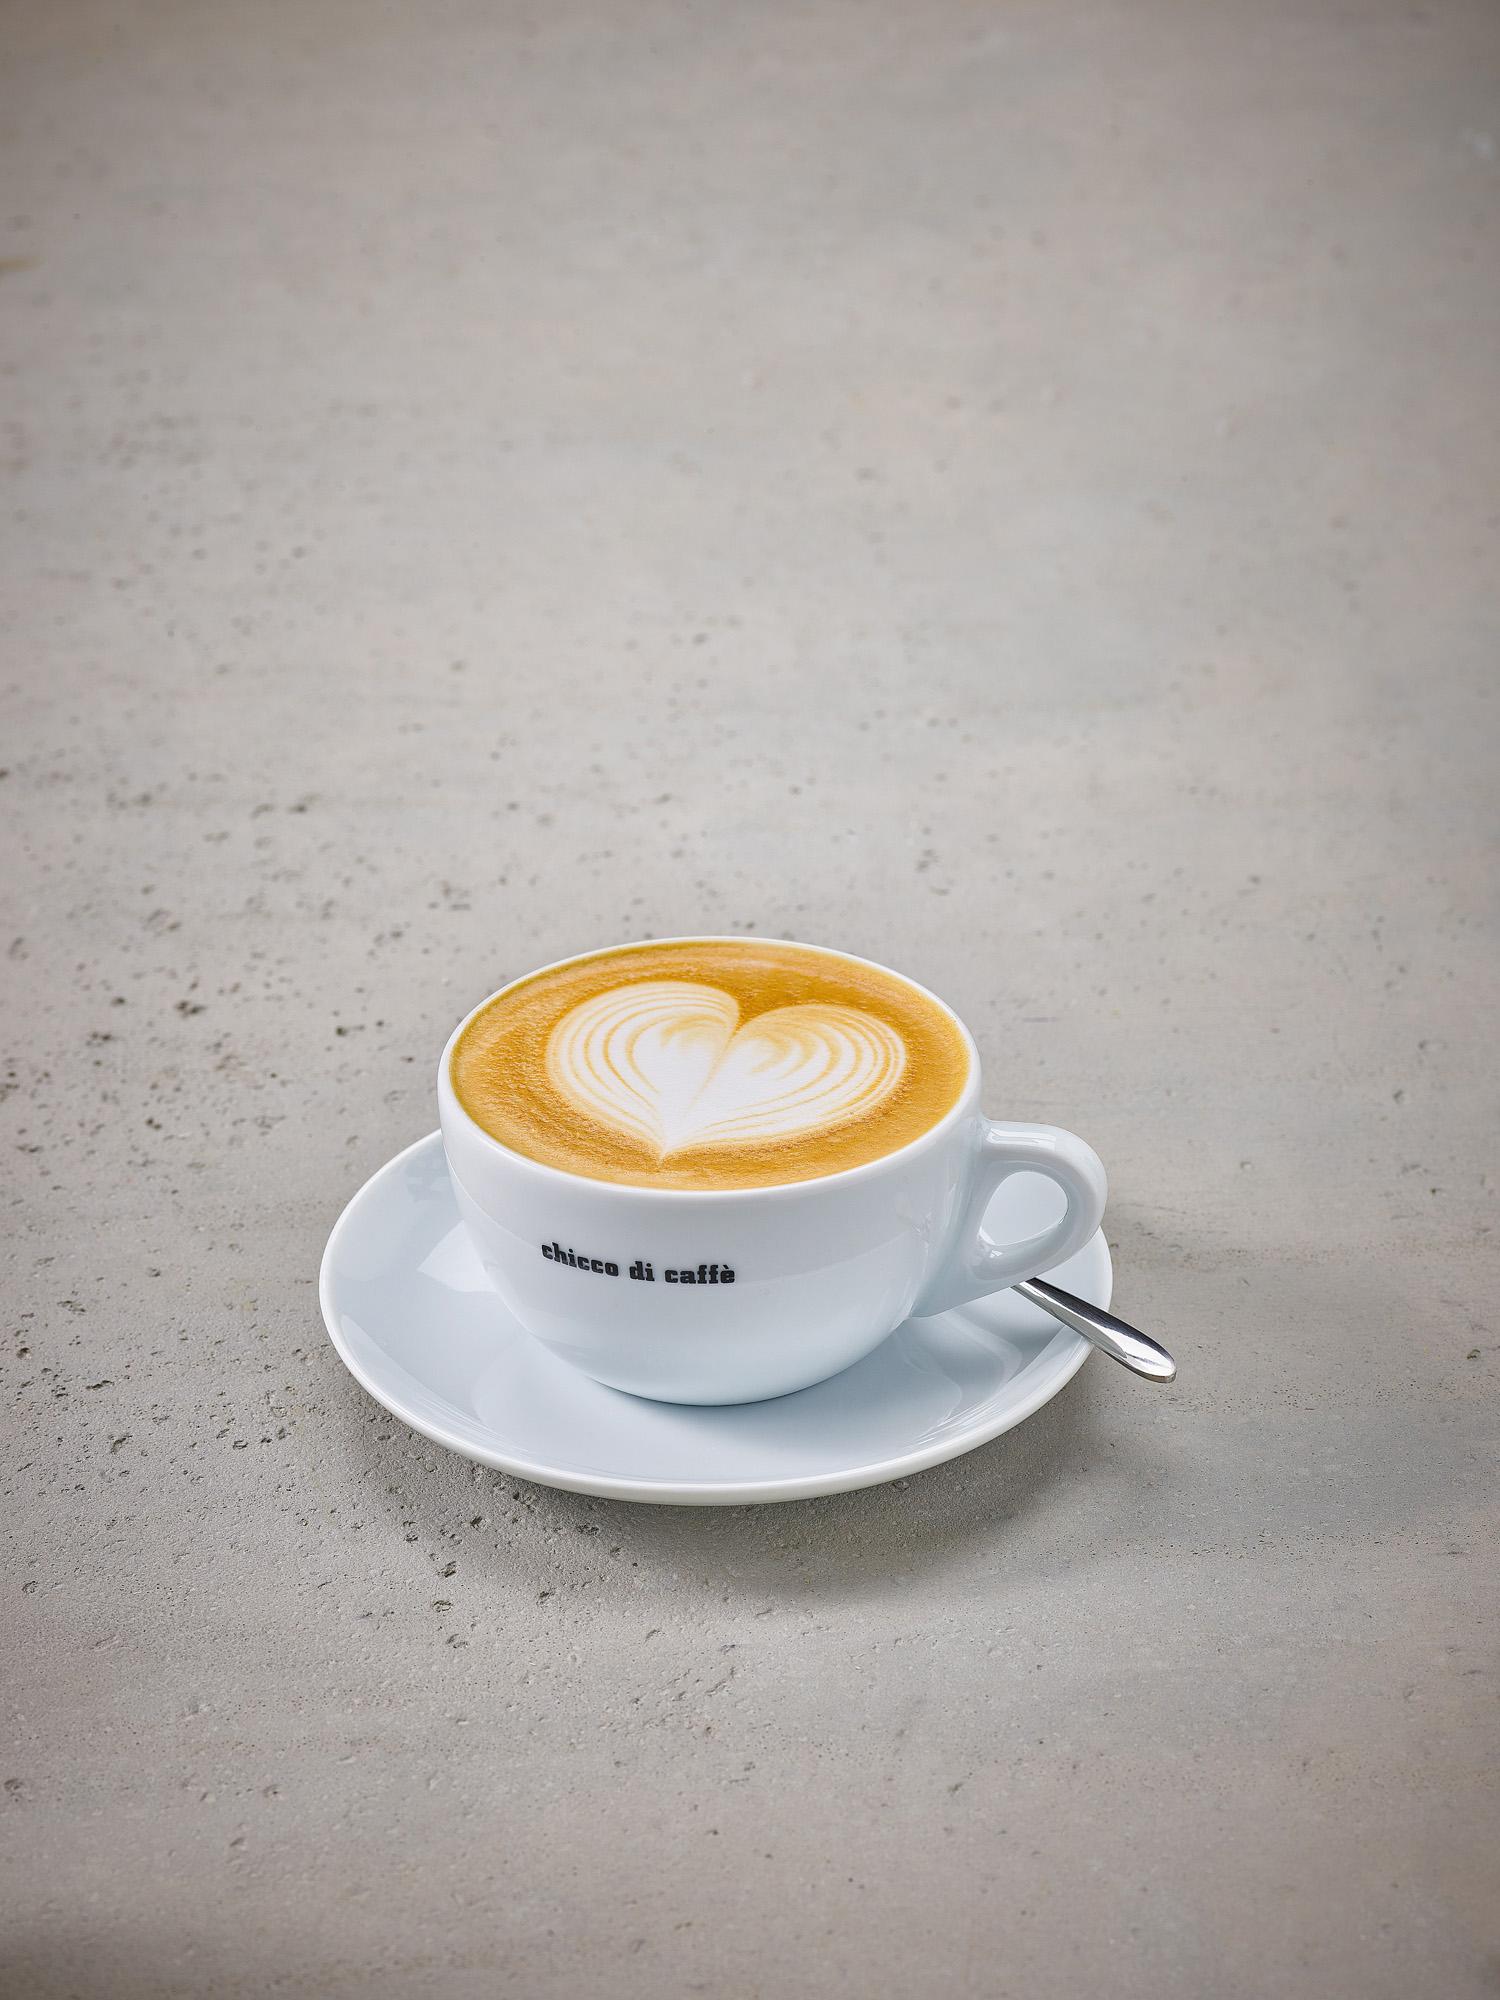 chicco di caffè - Latte Art